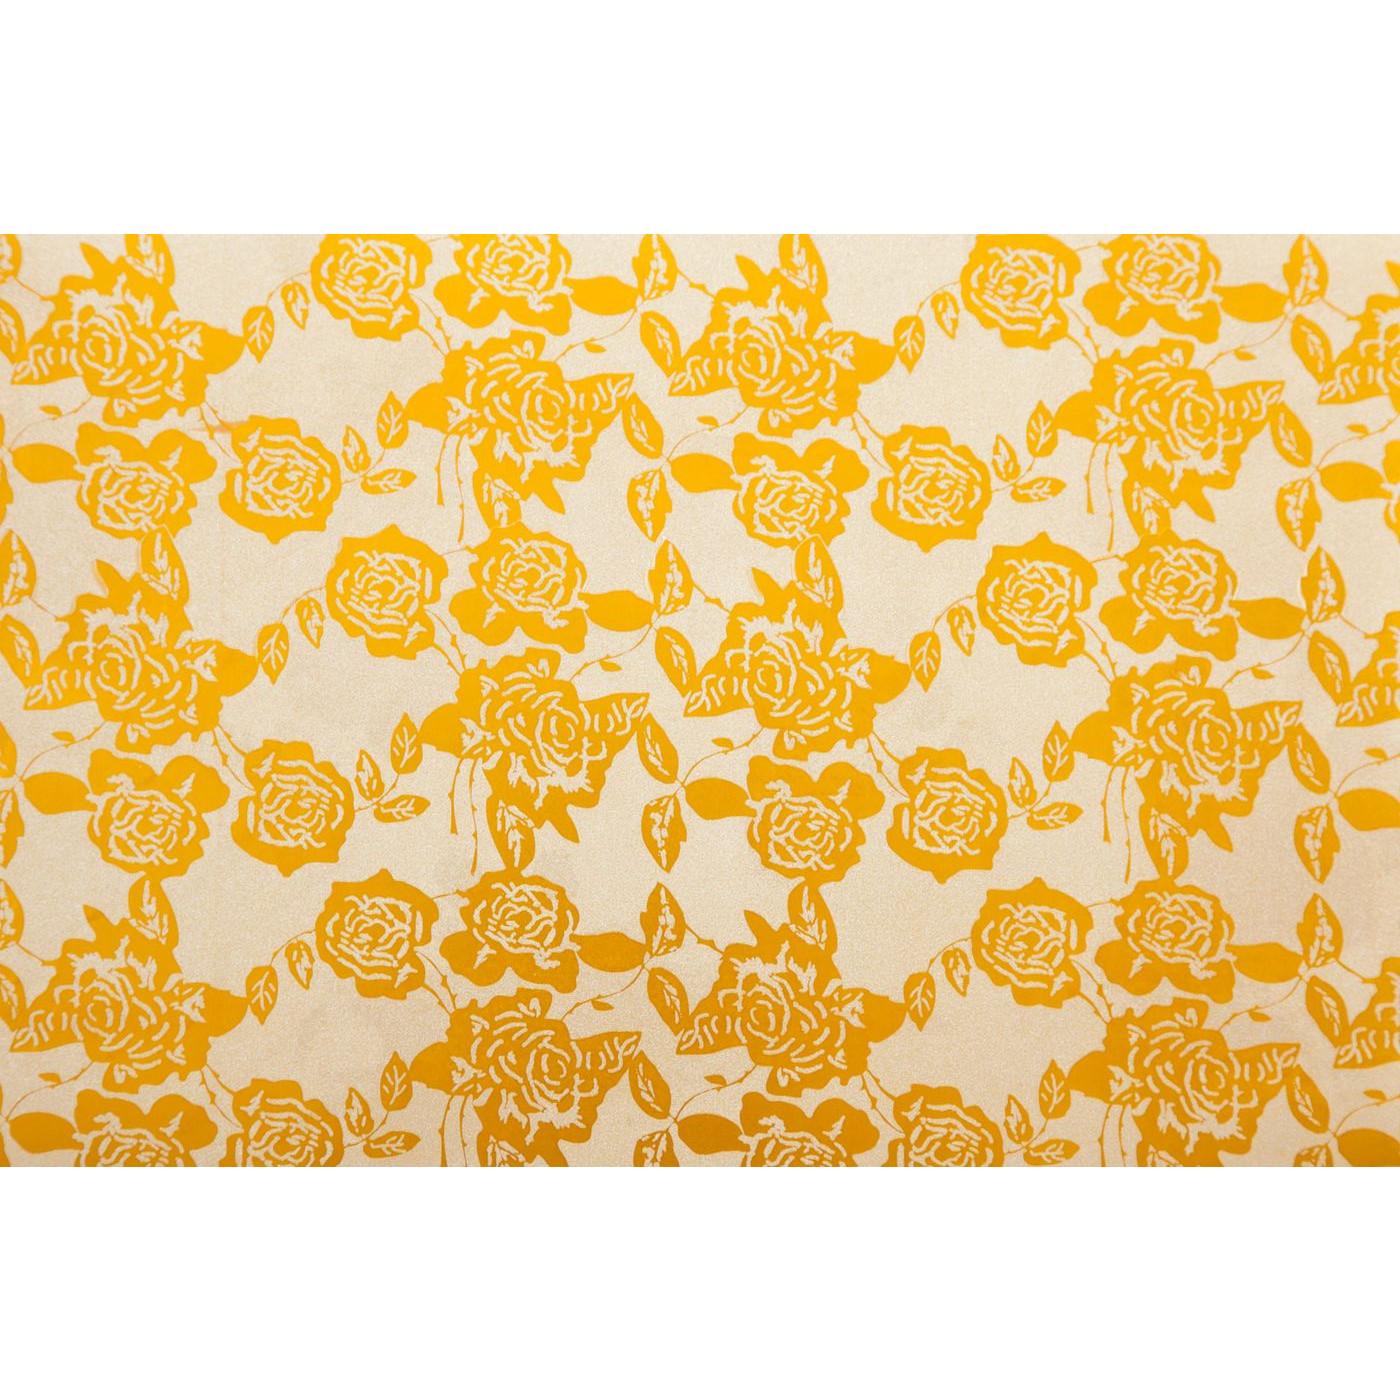 Dekoracyjna podkładka stołowa z nadrukiem złote róże 30x44 cm